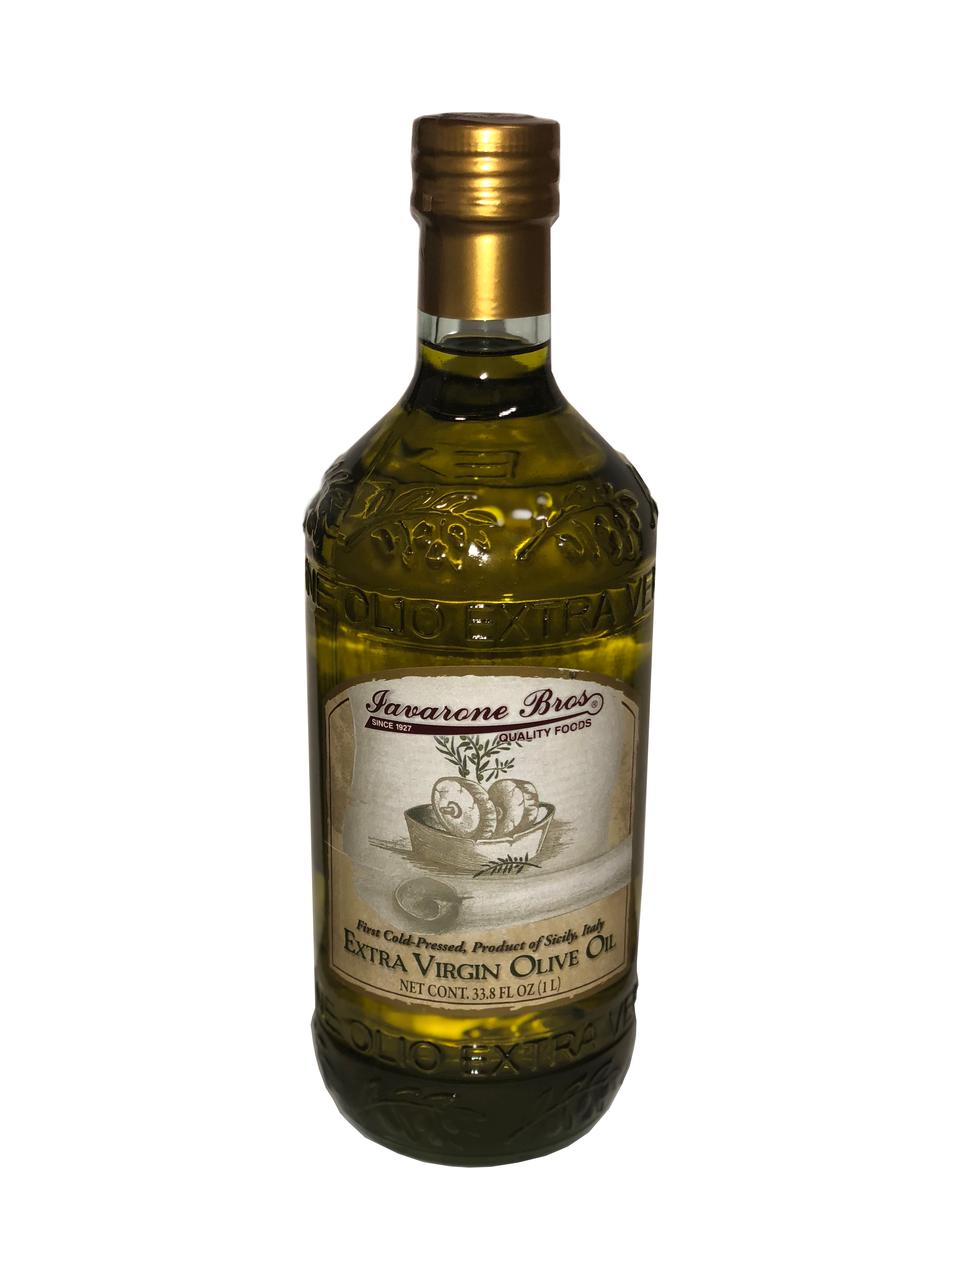 Iavarone Bros. Own Premium Sicilian Extra Virgin Olive Oil